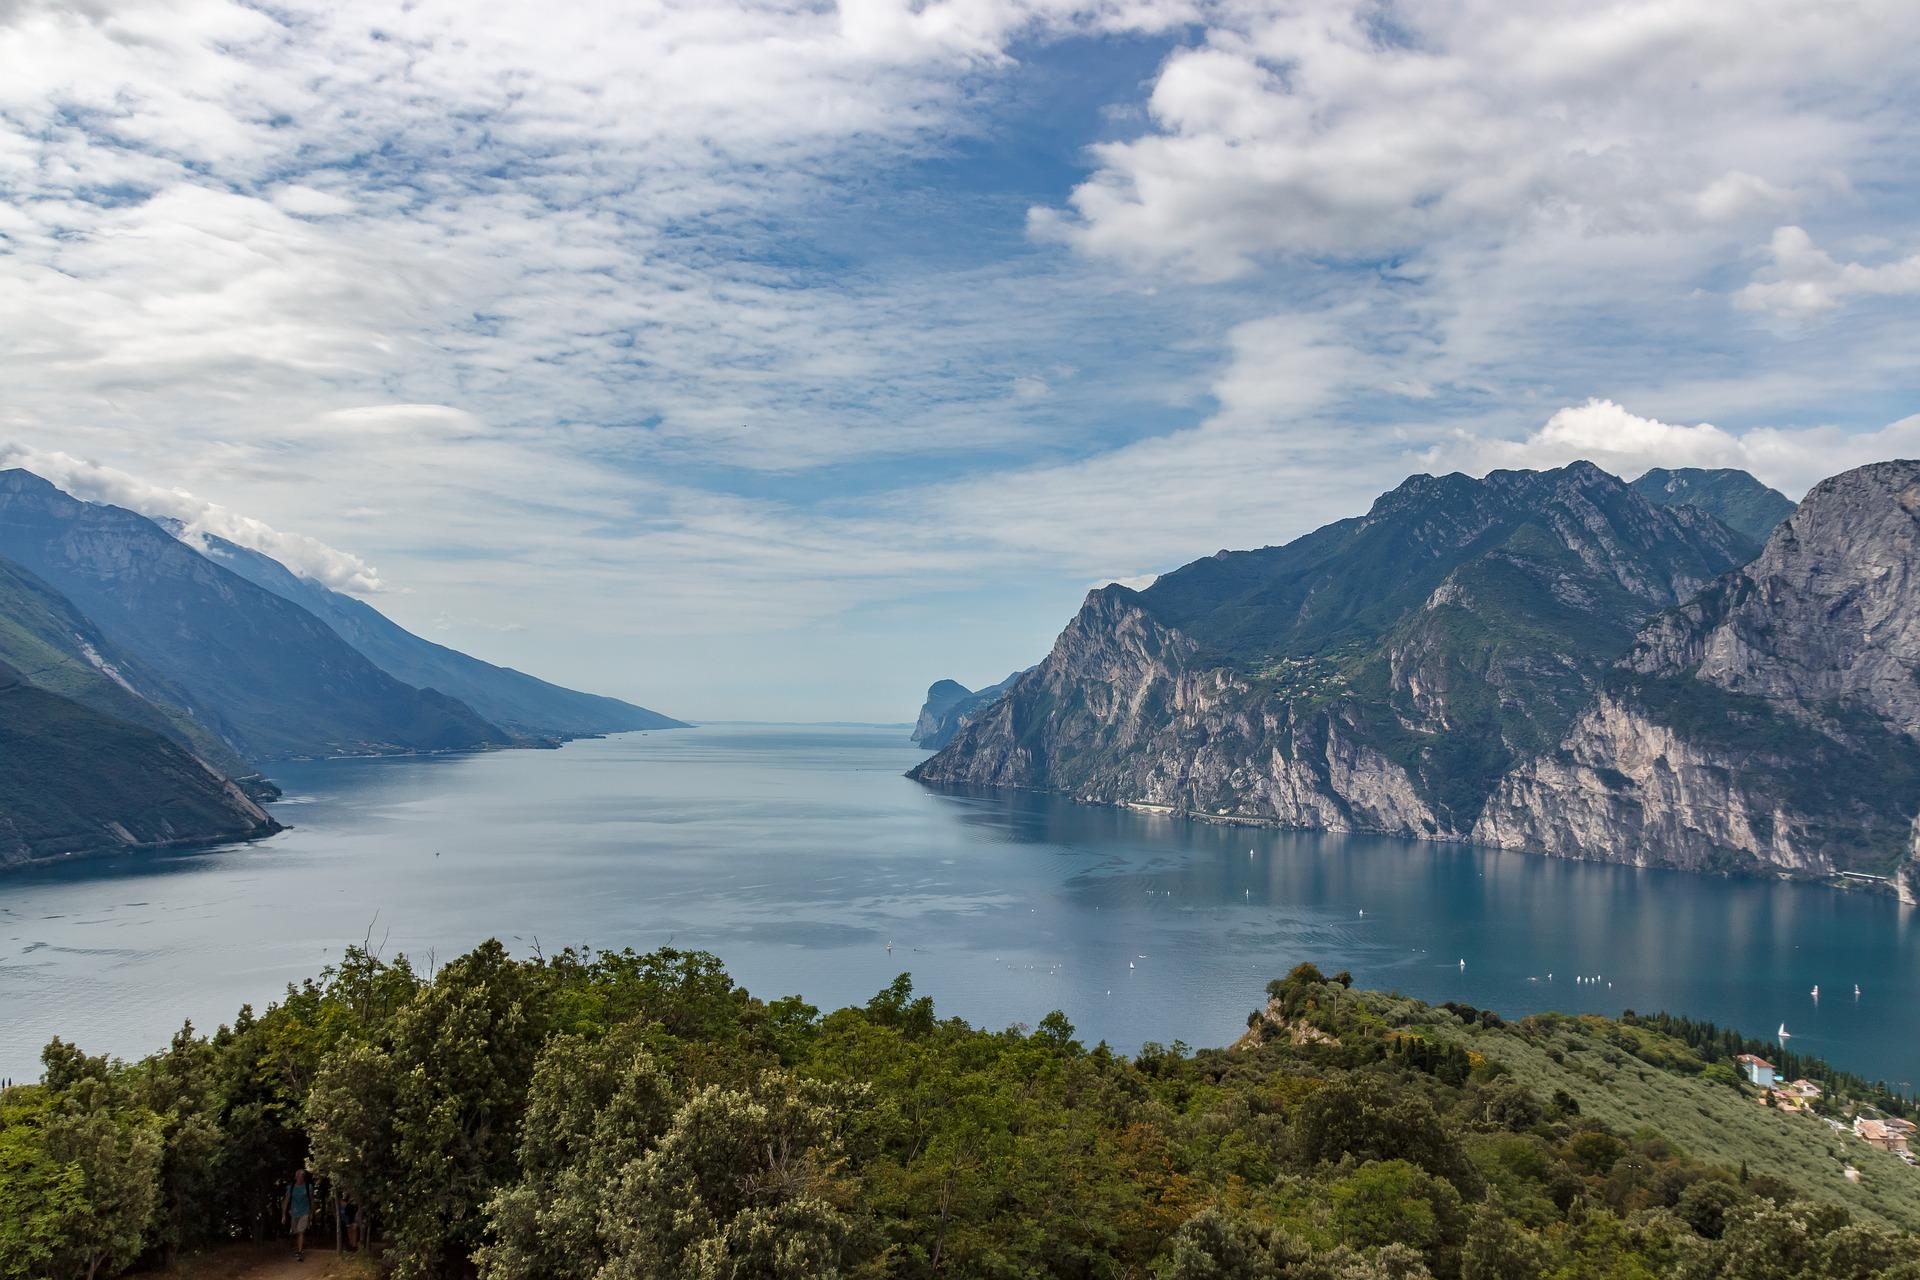 vakantie italie vakantie gardameer boot huren gardameer motorboot huren gardameer motorboot huren italie